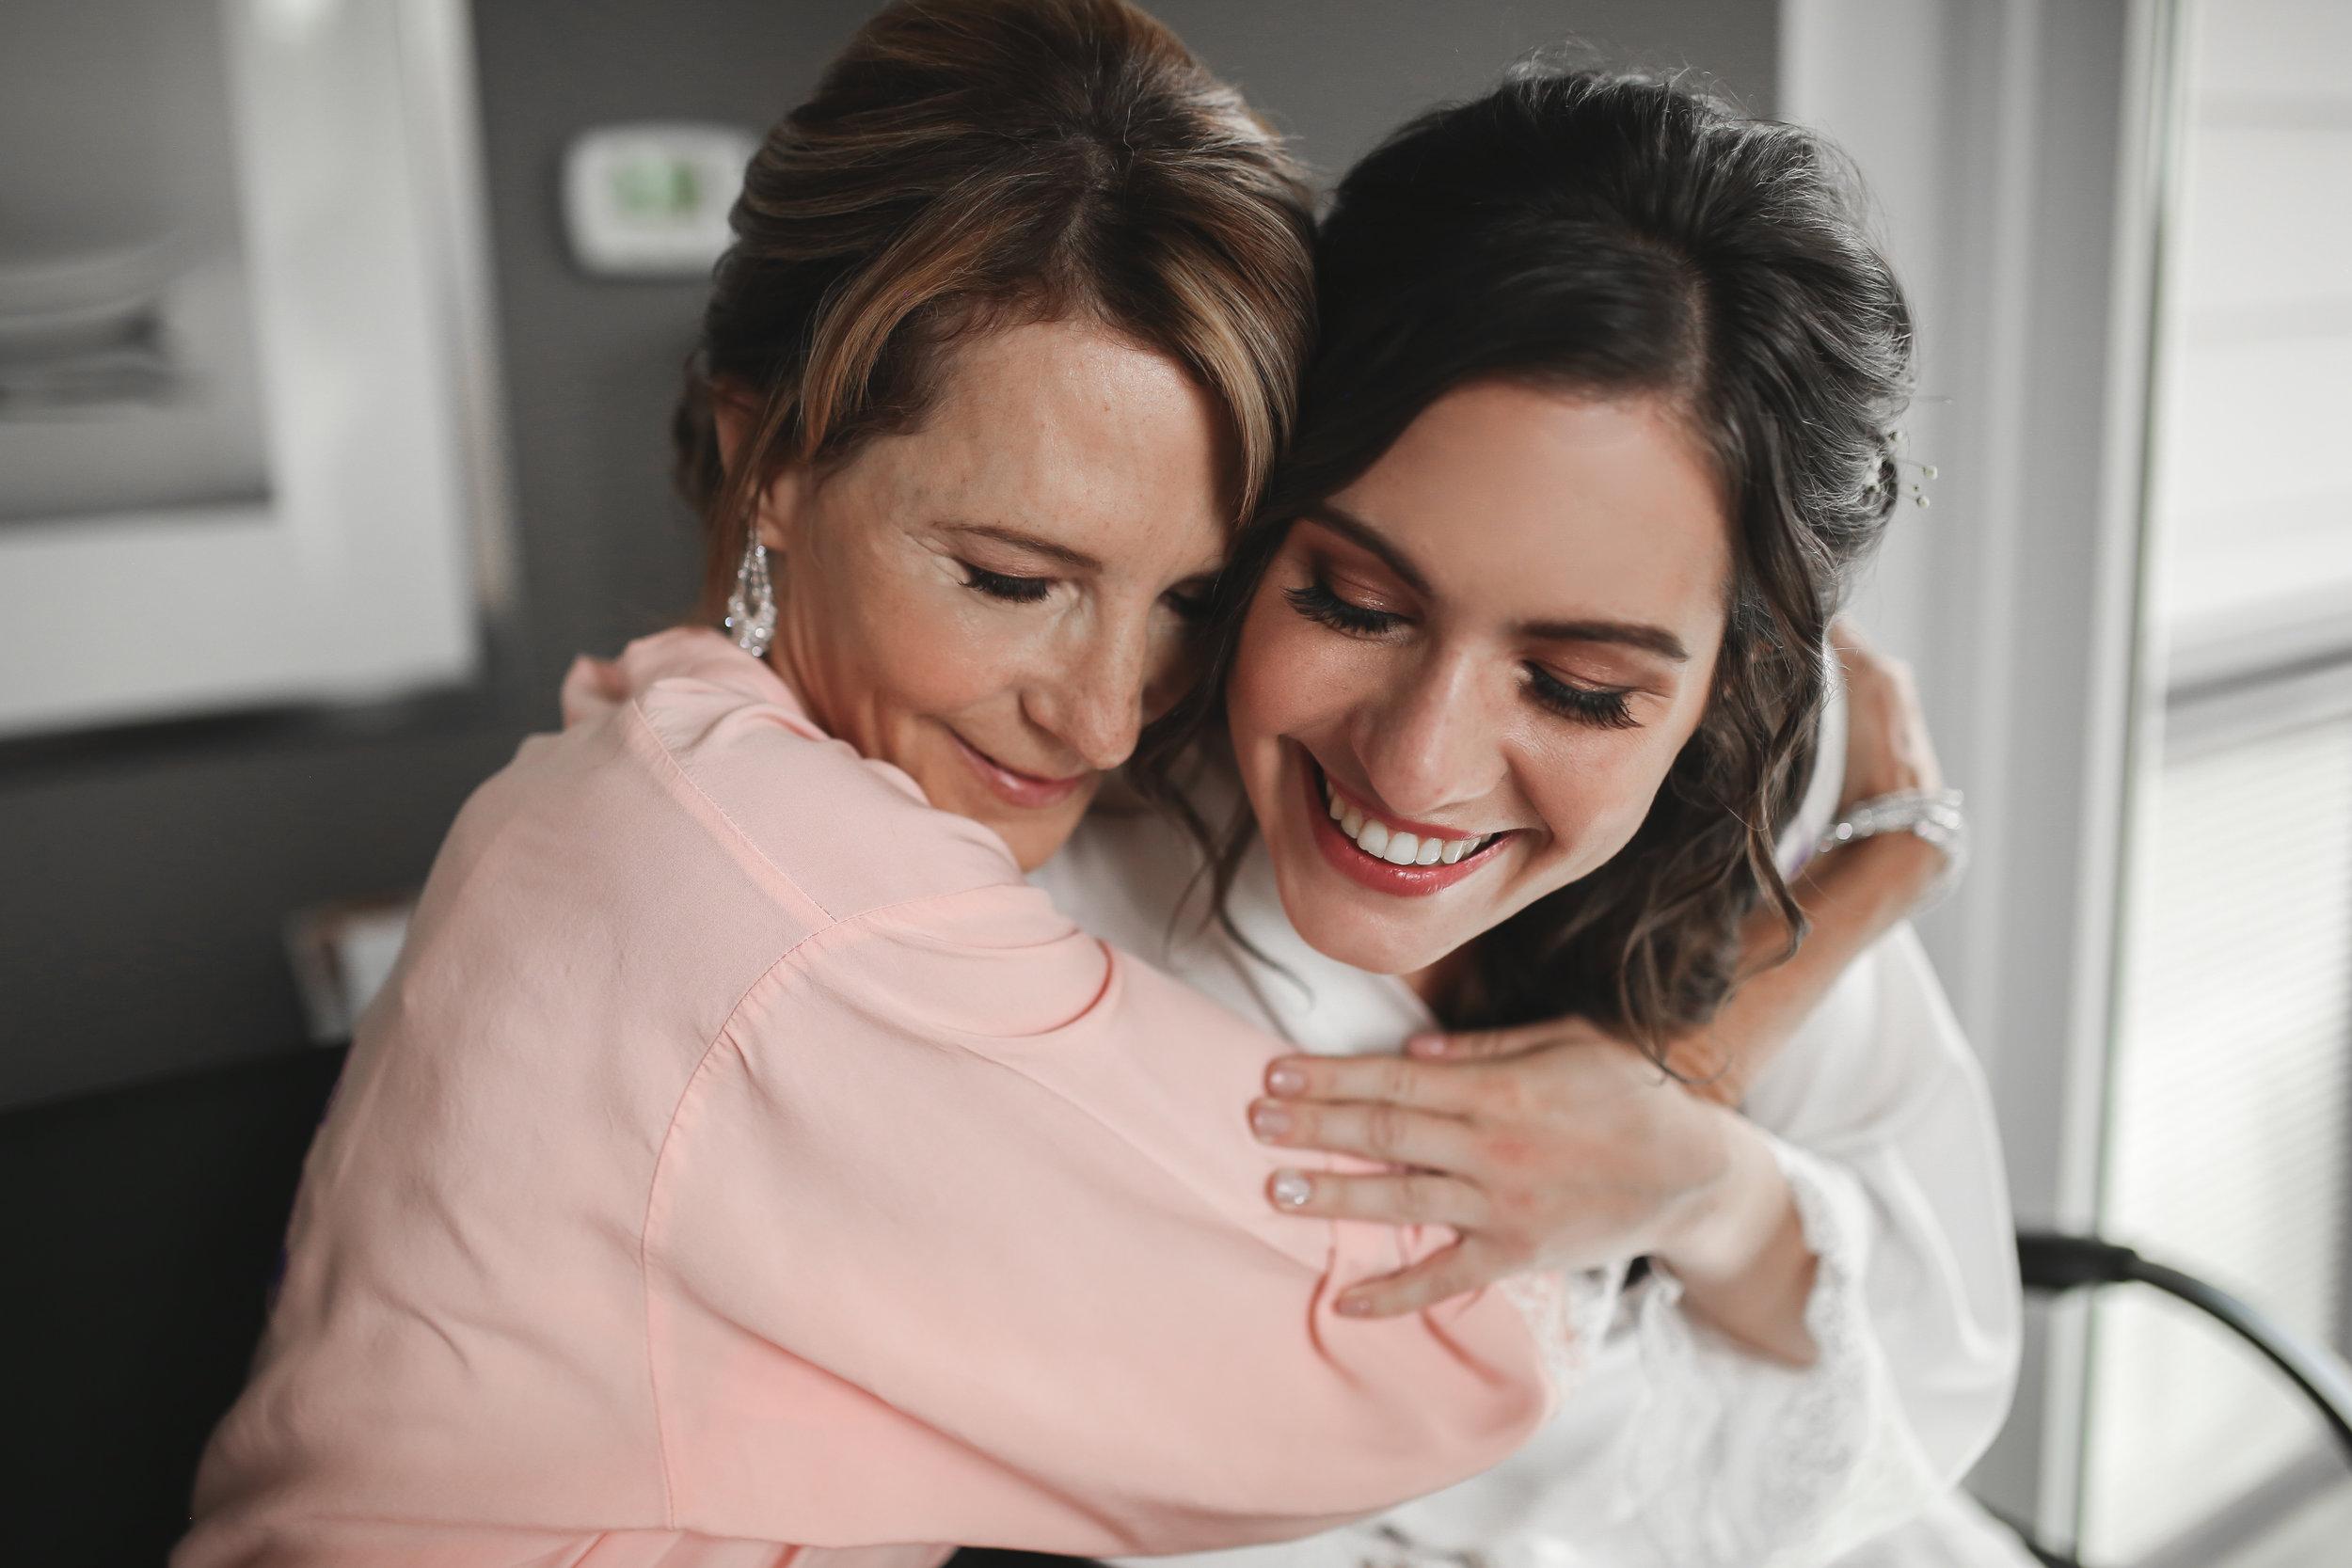 Adam Ziorio Photography - Allison & Austin's Wedding.jpg